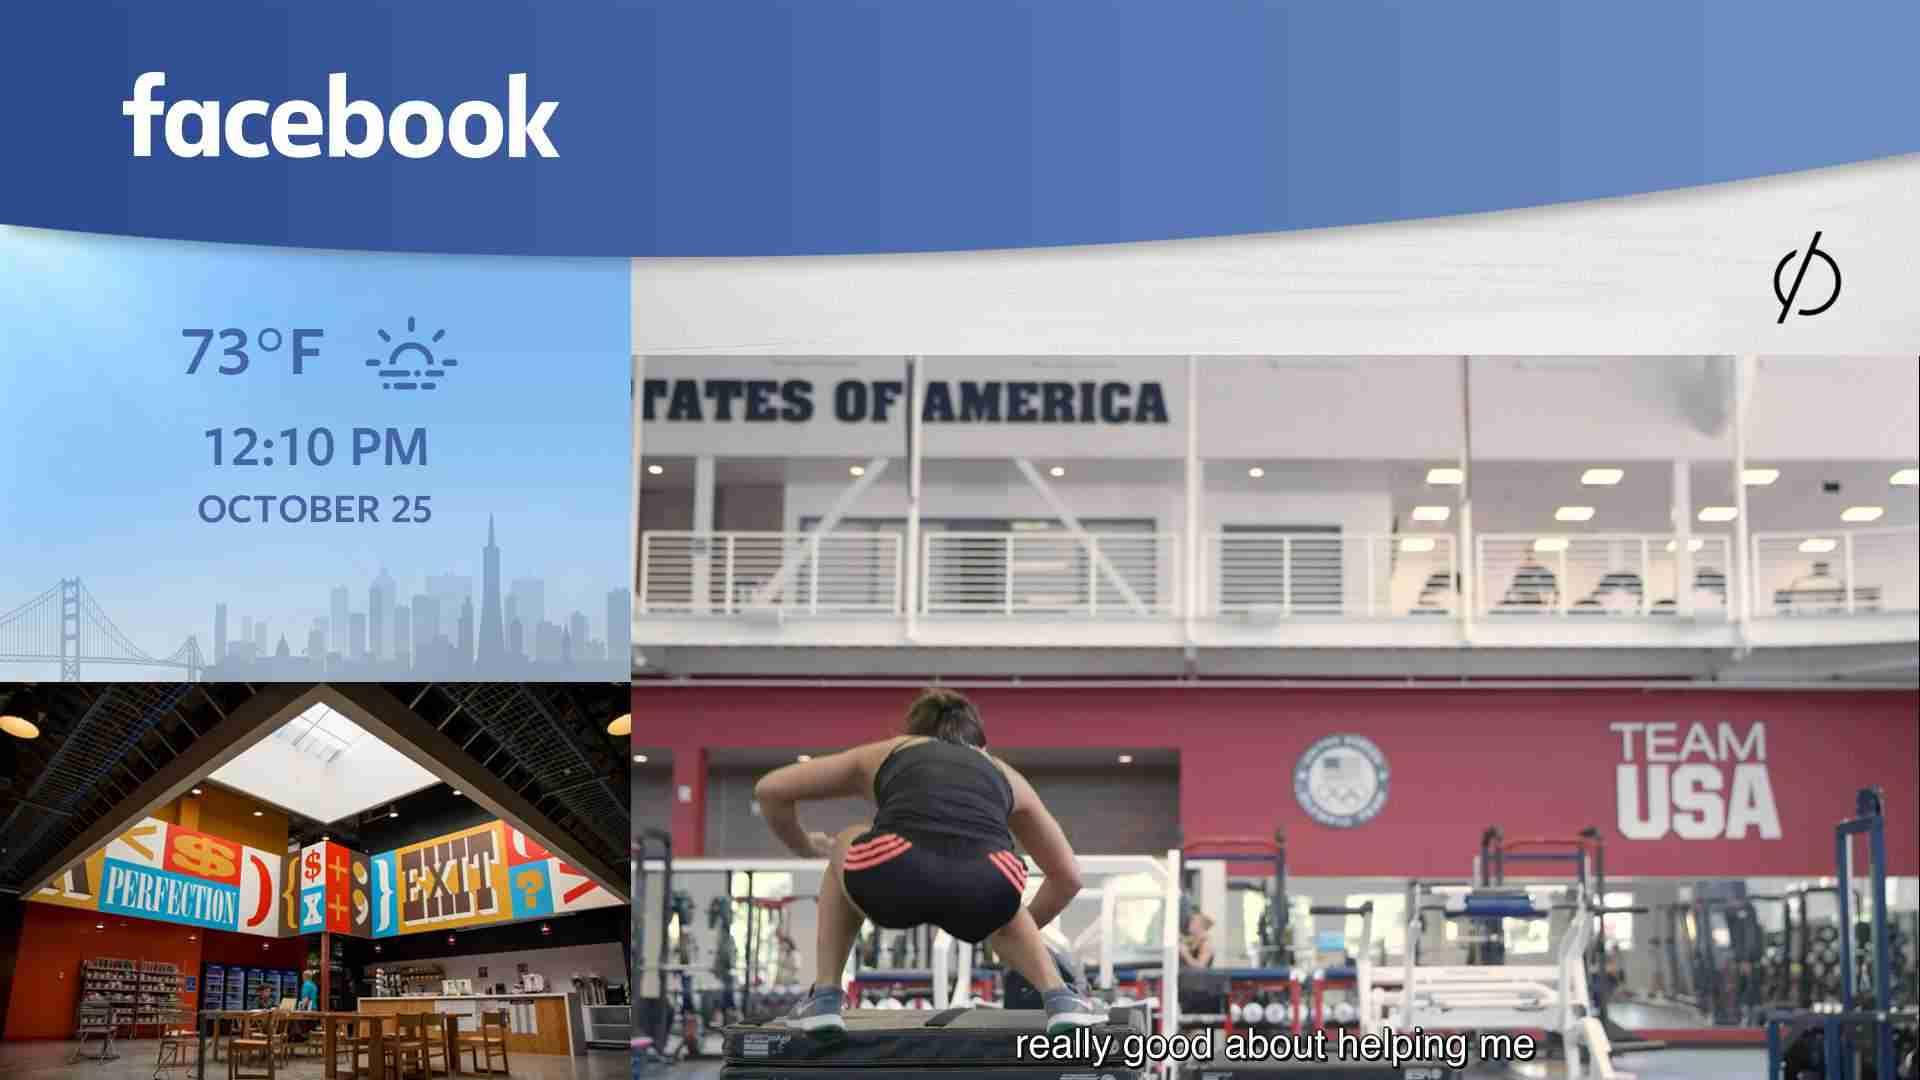 Facebook Lobby - USA